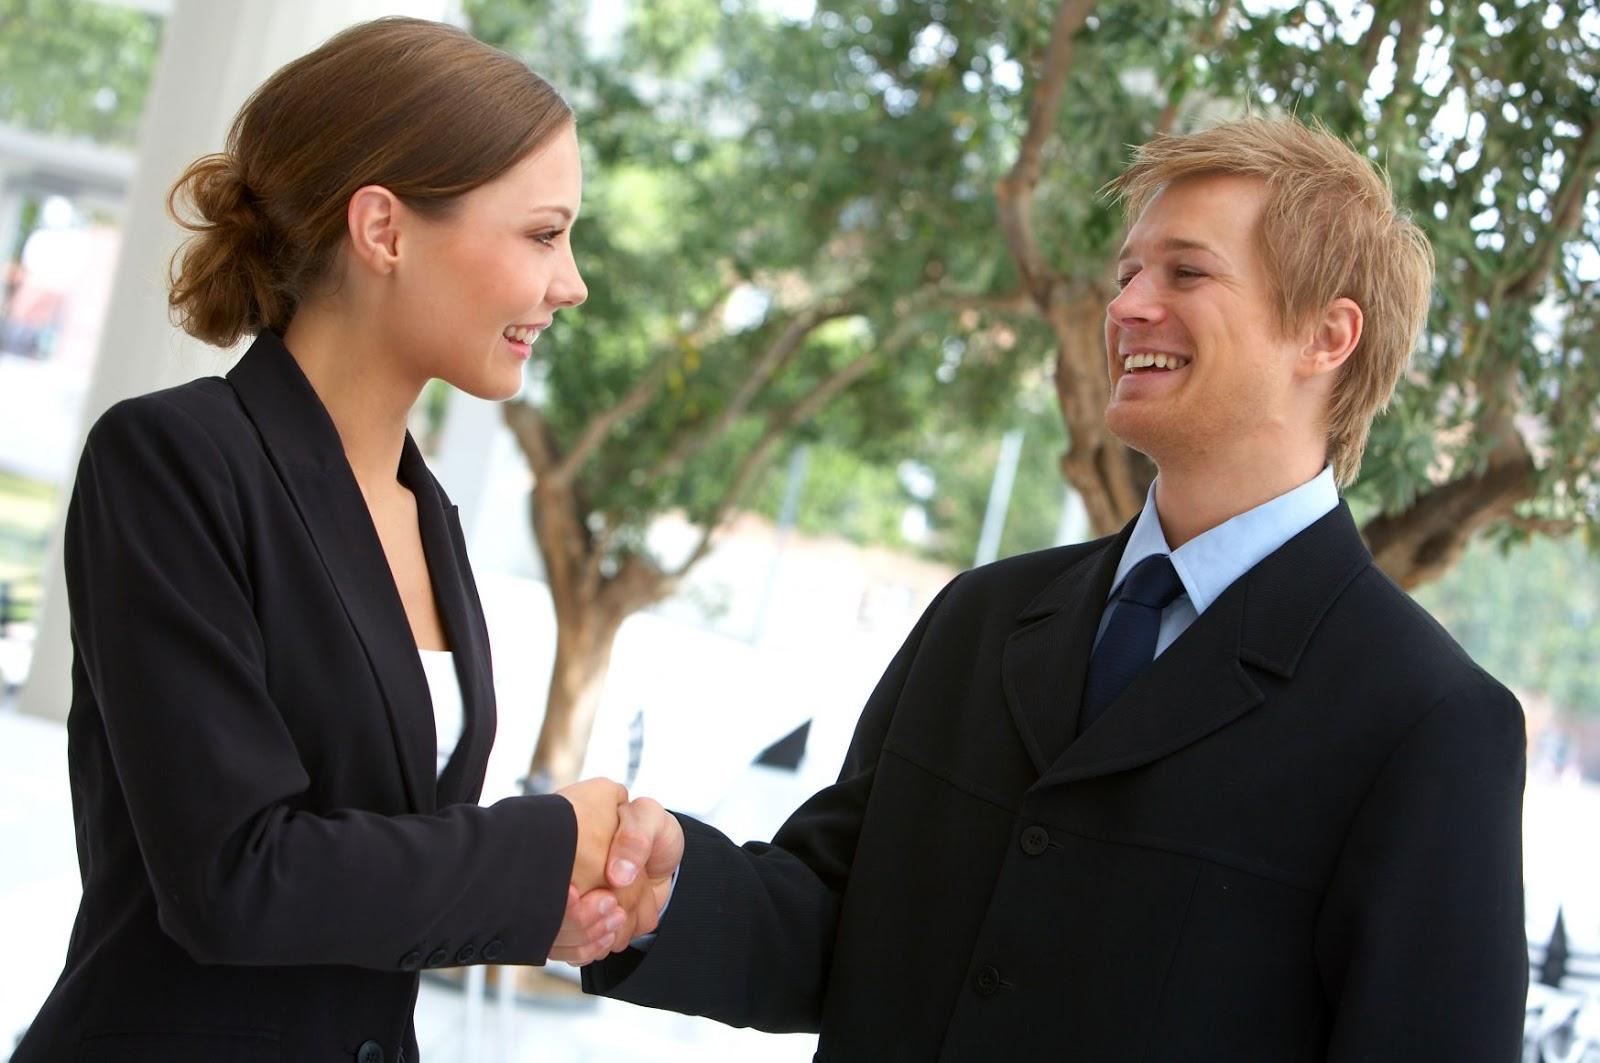 How to build confidence around women